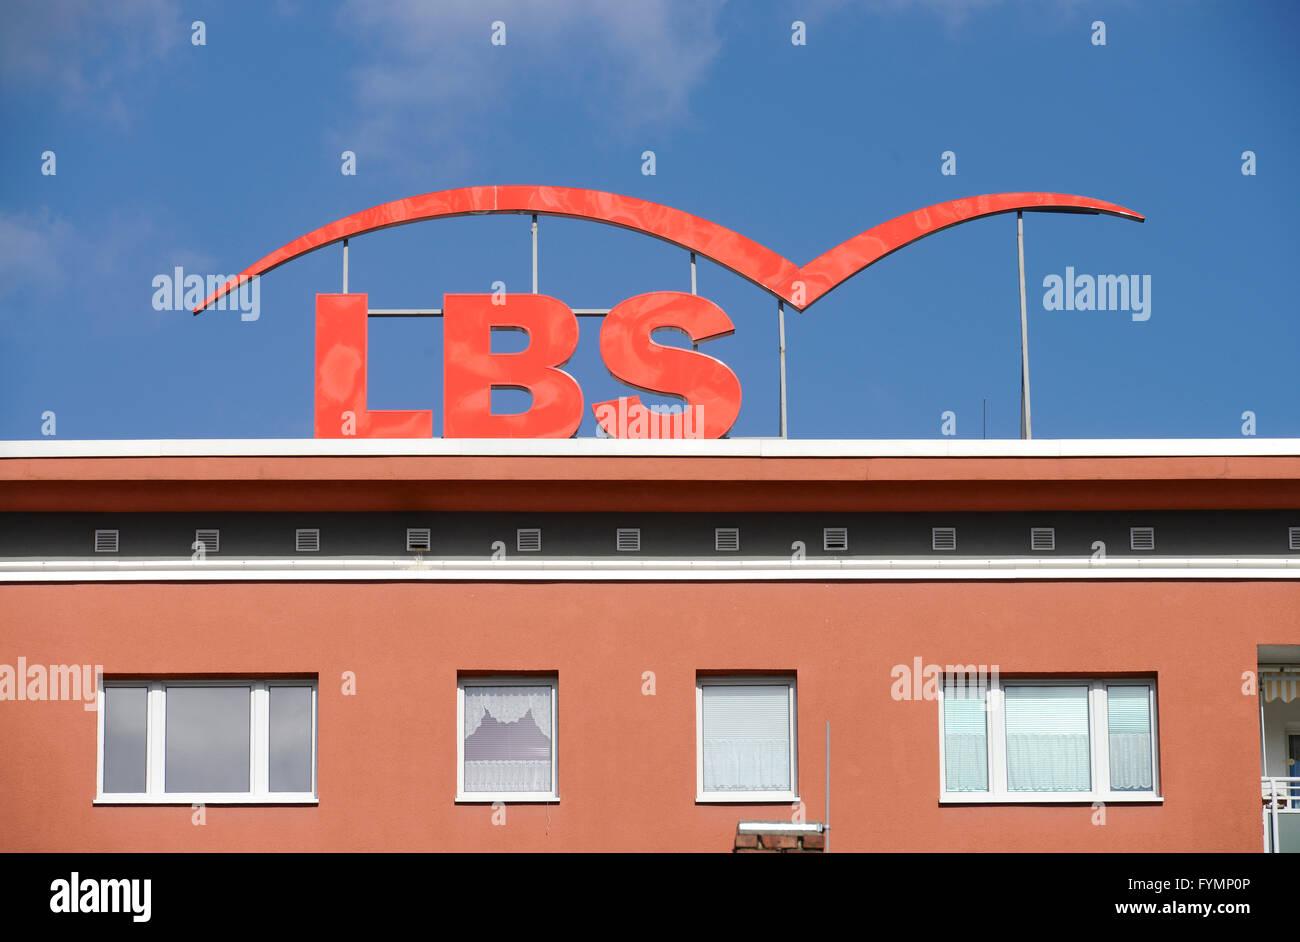 Werbung, LBS, Chemnitz, Sachsen, Deutschland - Stock Image